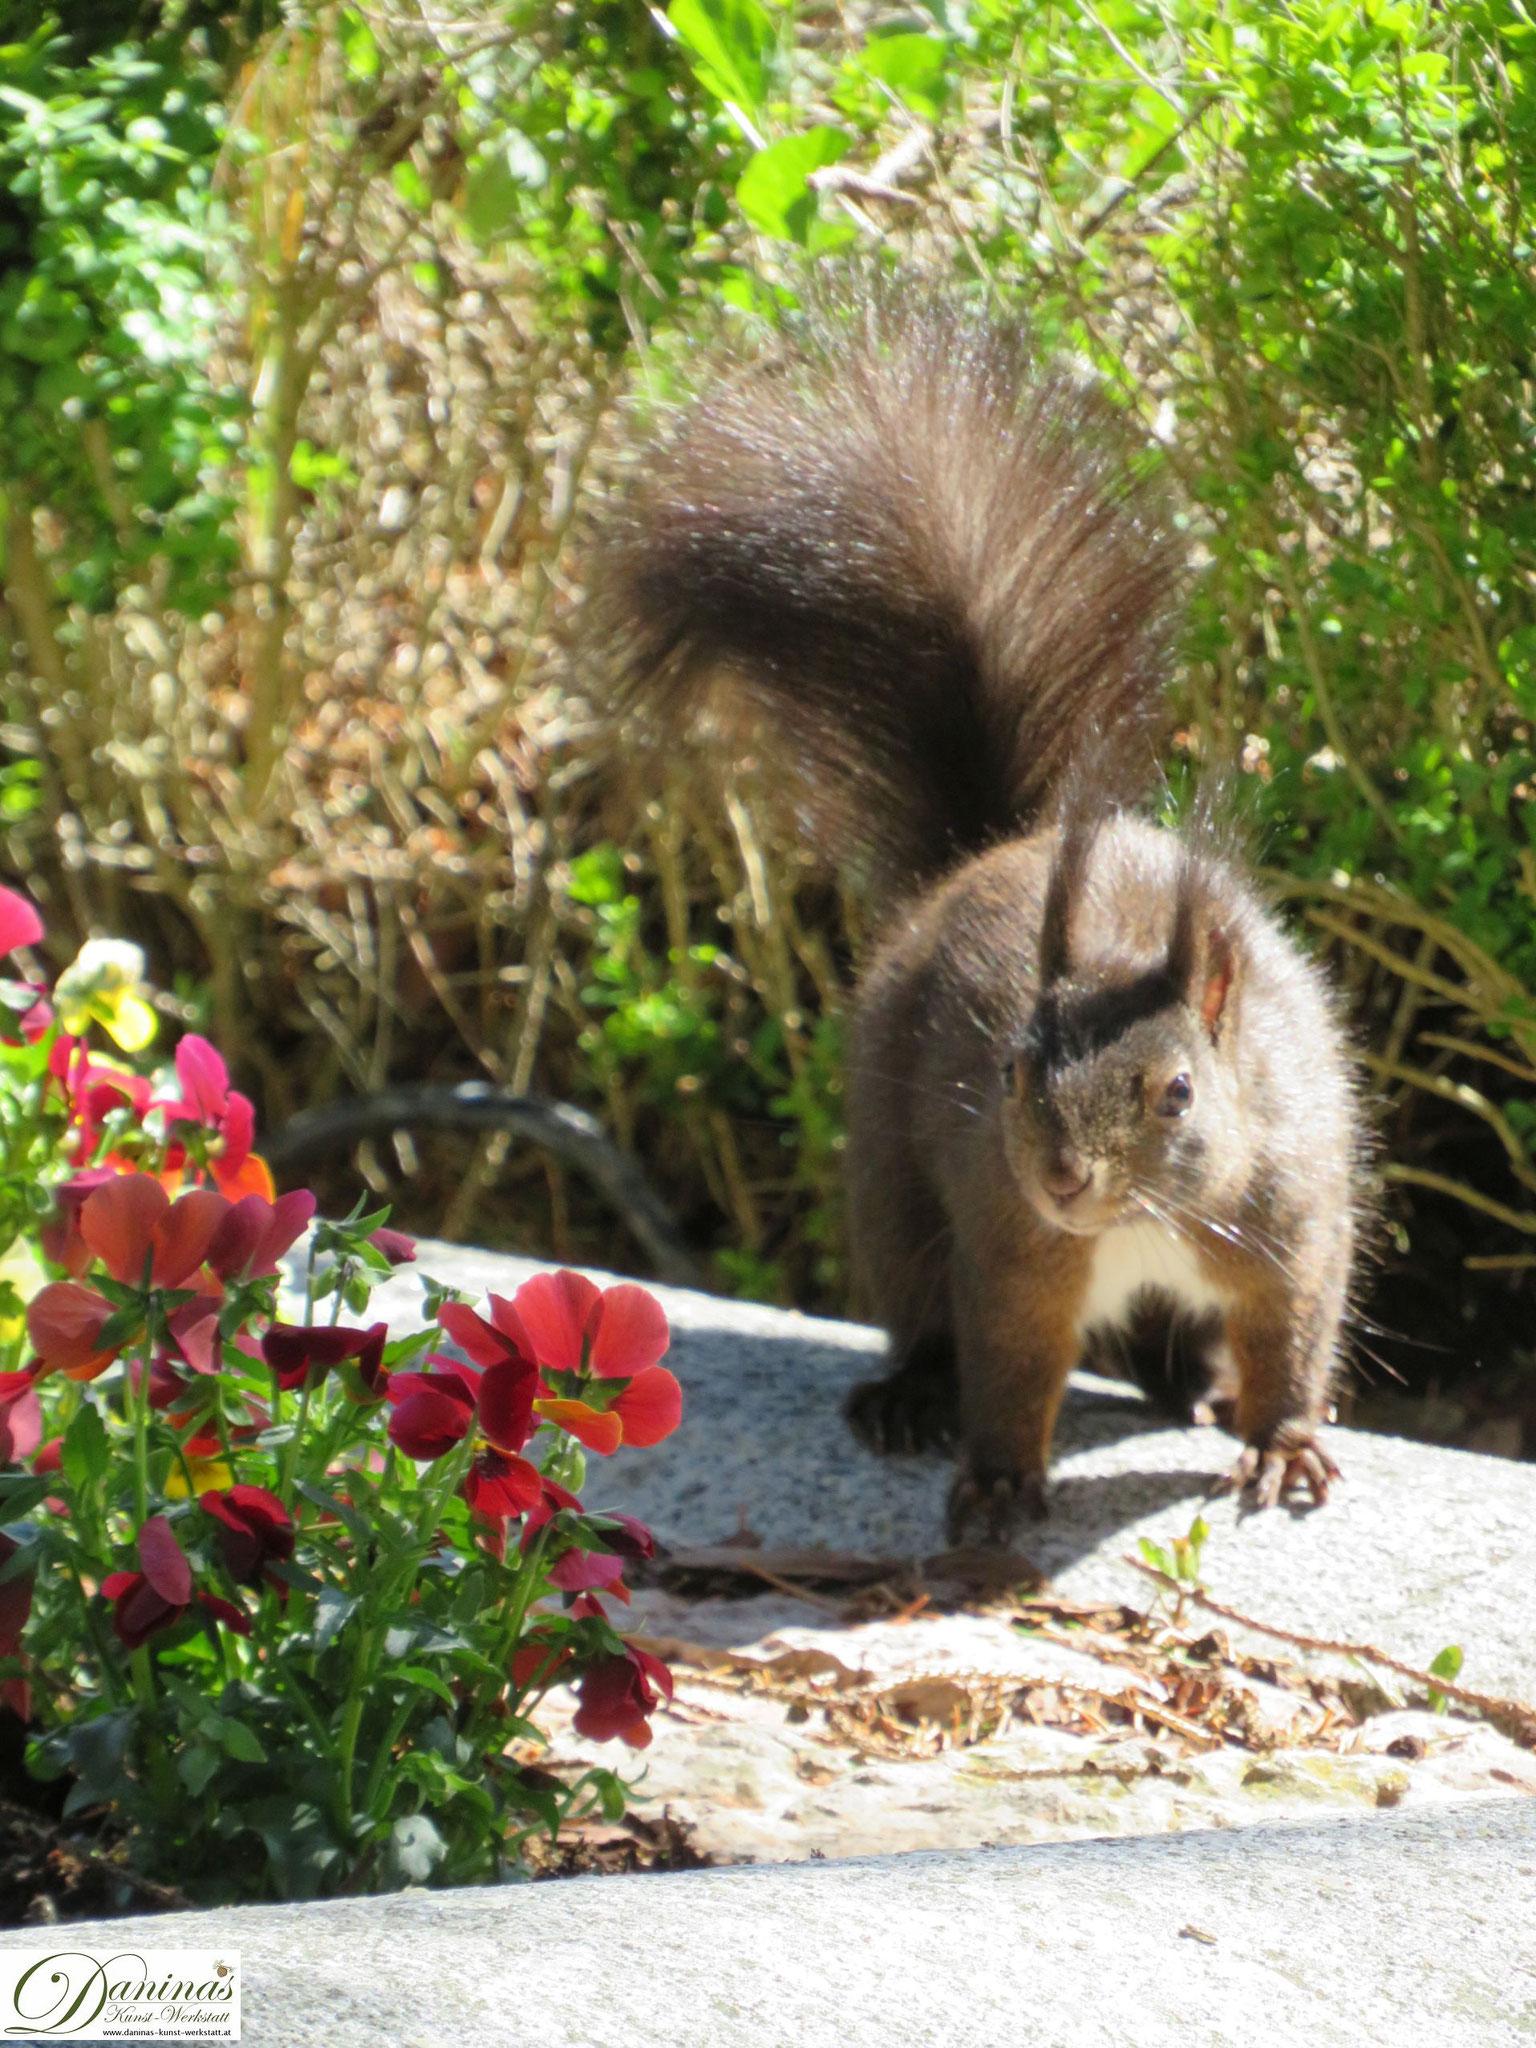 Eichhörnchen auf Nahrungssuche im Garten. Entzückende Eichhörnchen Bilder by Daninas-Kunst-Werkstatt.at